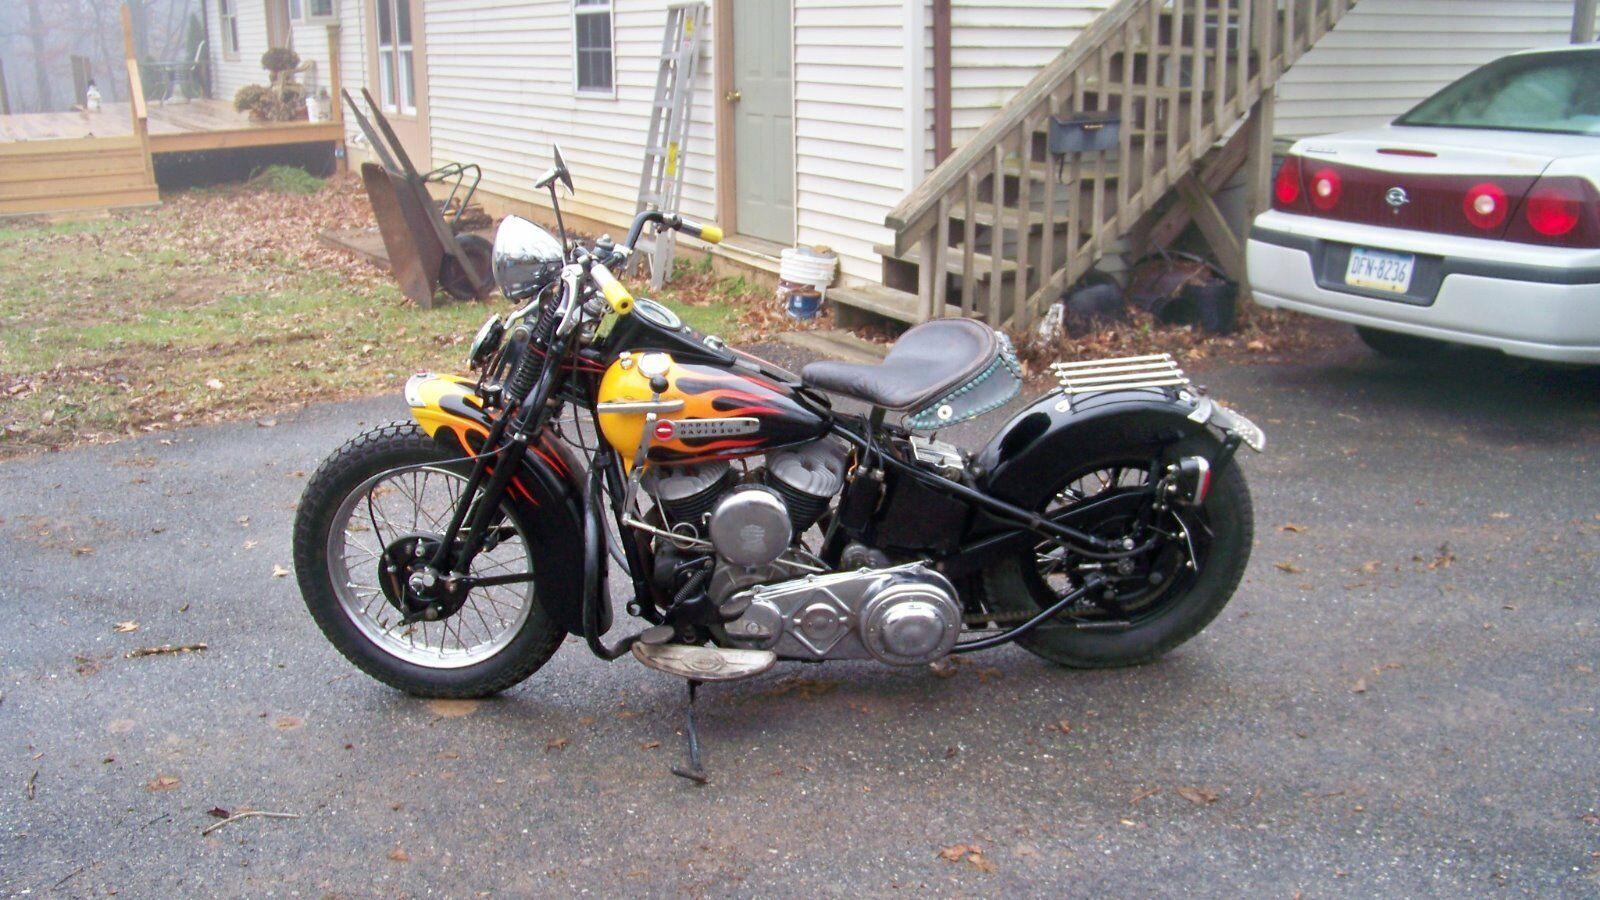 Forsale 1948 Harley Davidson Touring 1948 U Model Harley Davidson